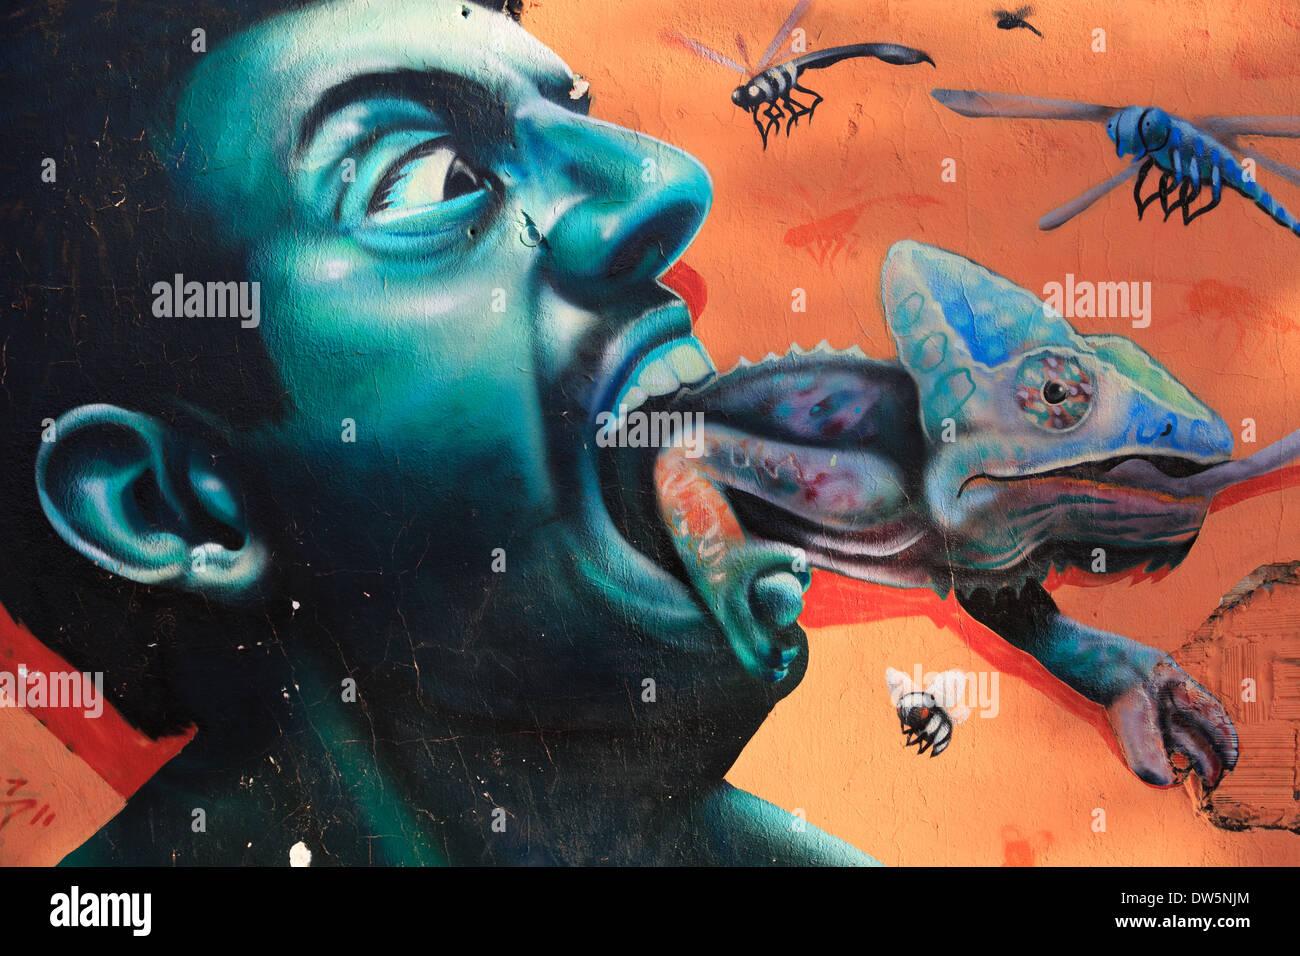 Graffiti at Florianópolis - Stock Image